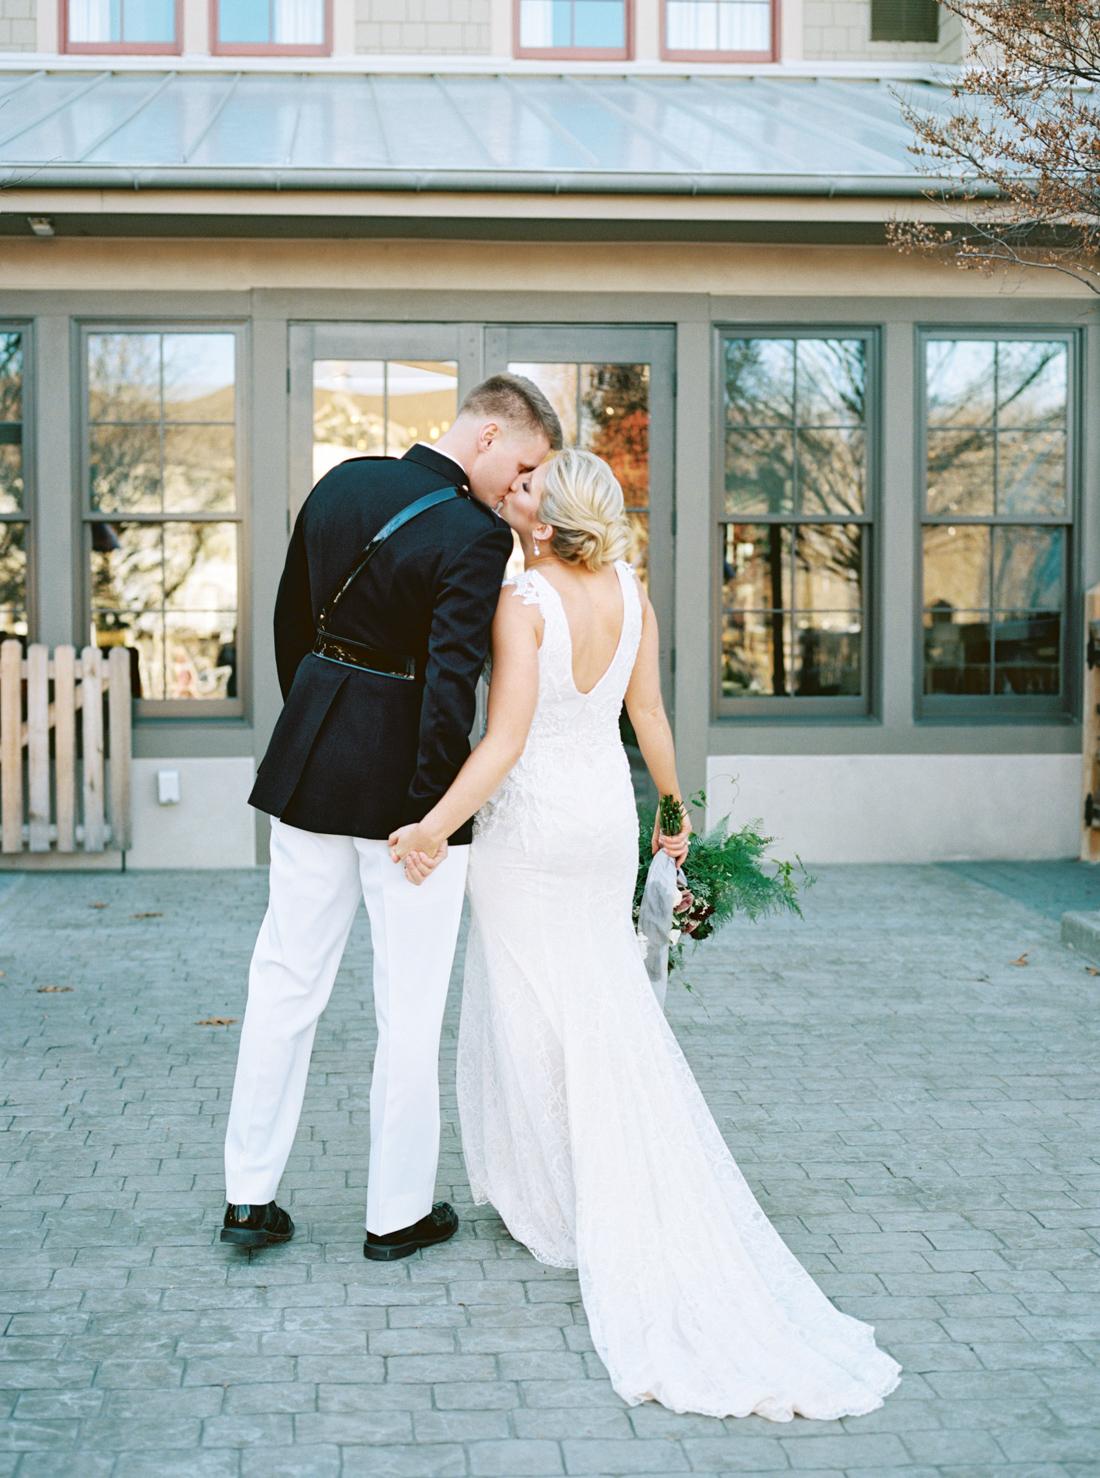 Michelle-whitey-photography-maryland-dc-wedding